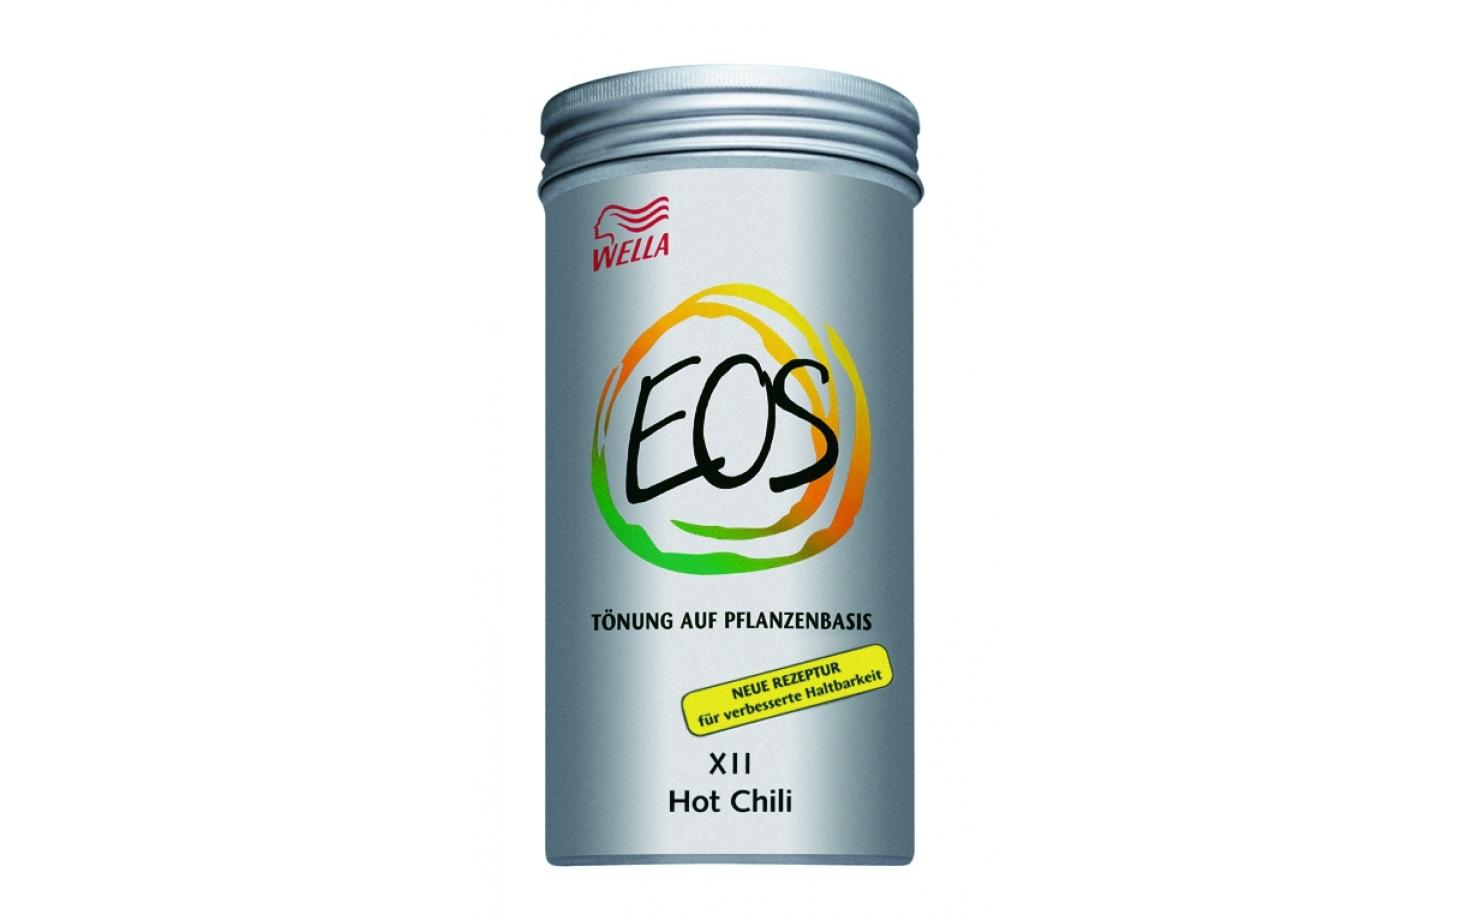 Wella EOS Pflanzentönung 120 g VIII Zimt